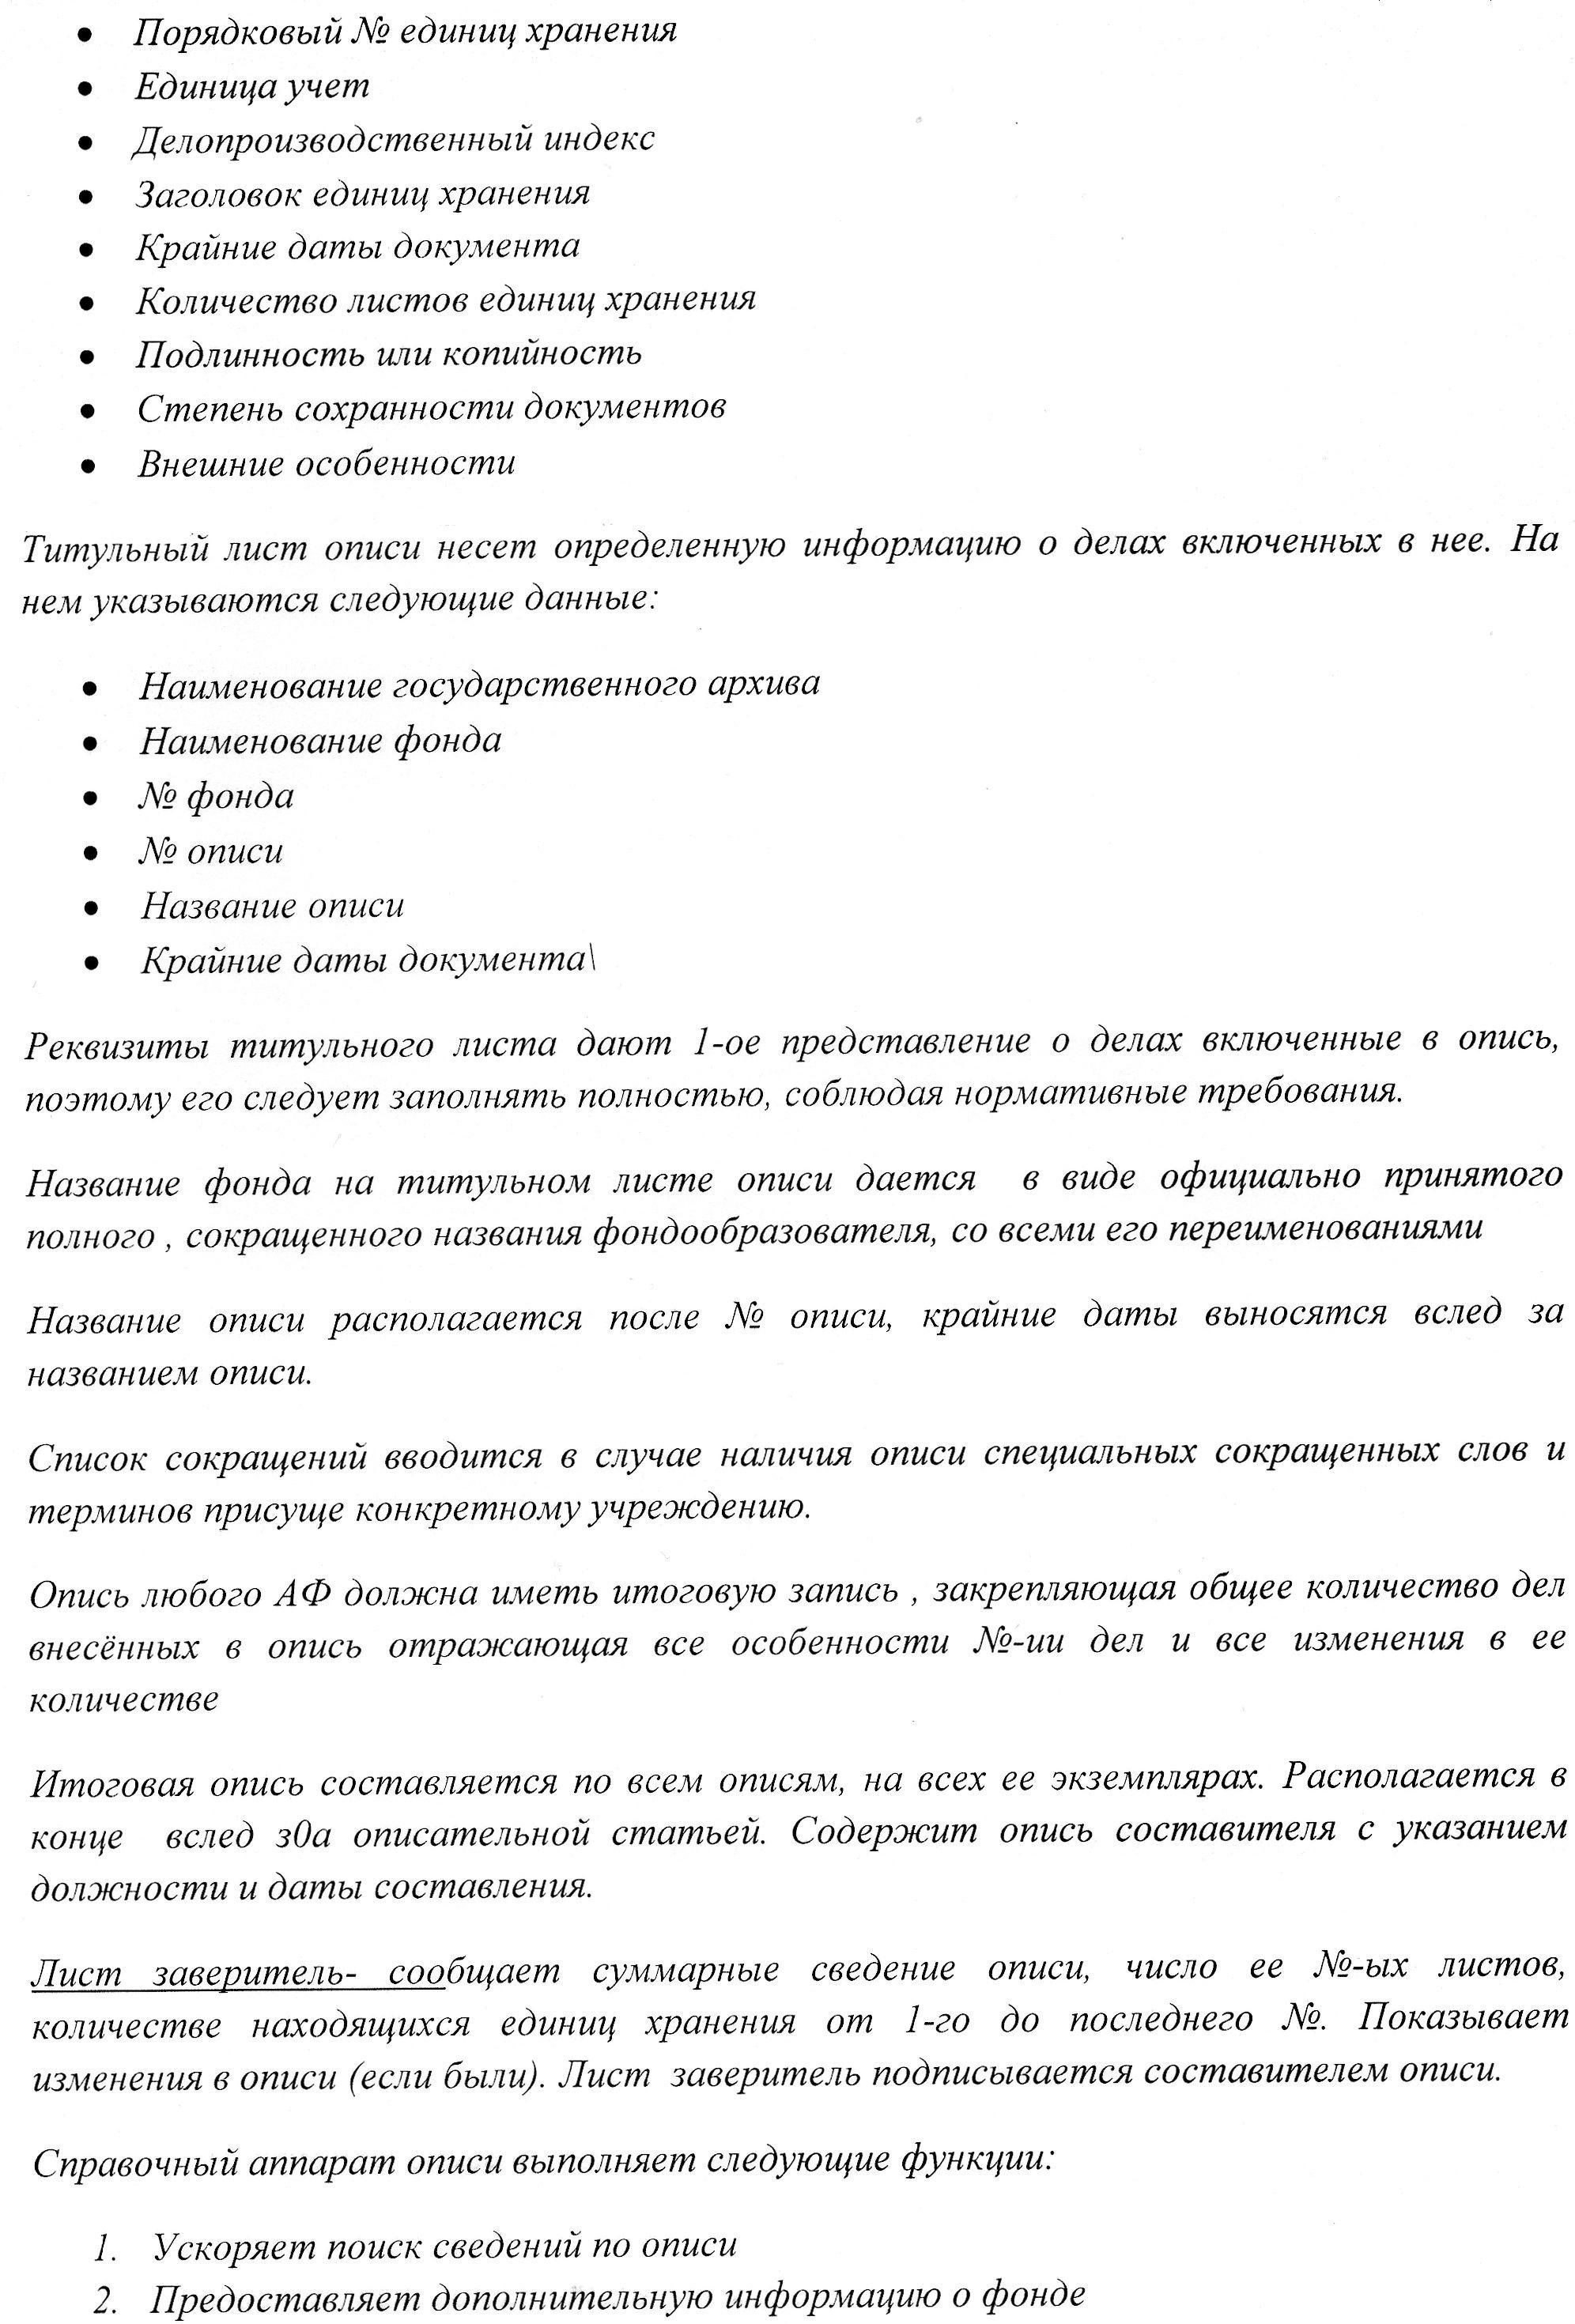 Инструкция по делопроизводству ее значение состав информации и порядок разработки